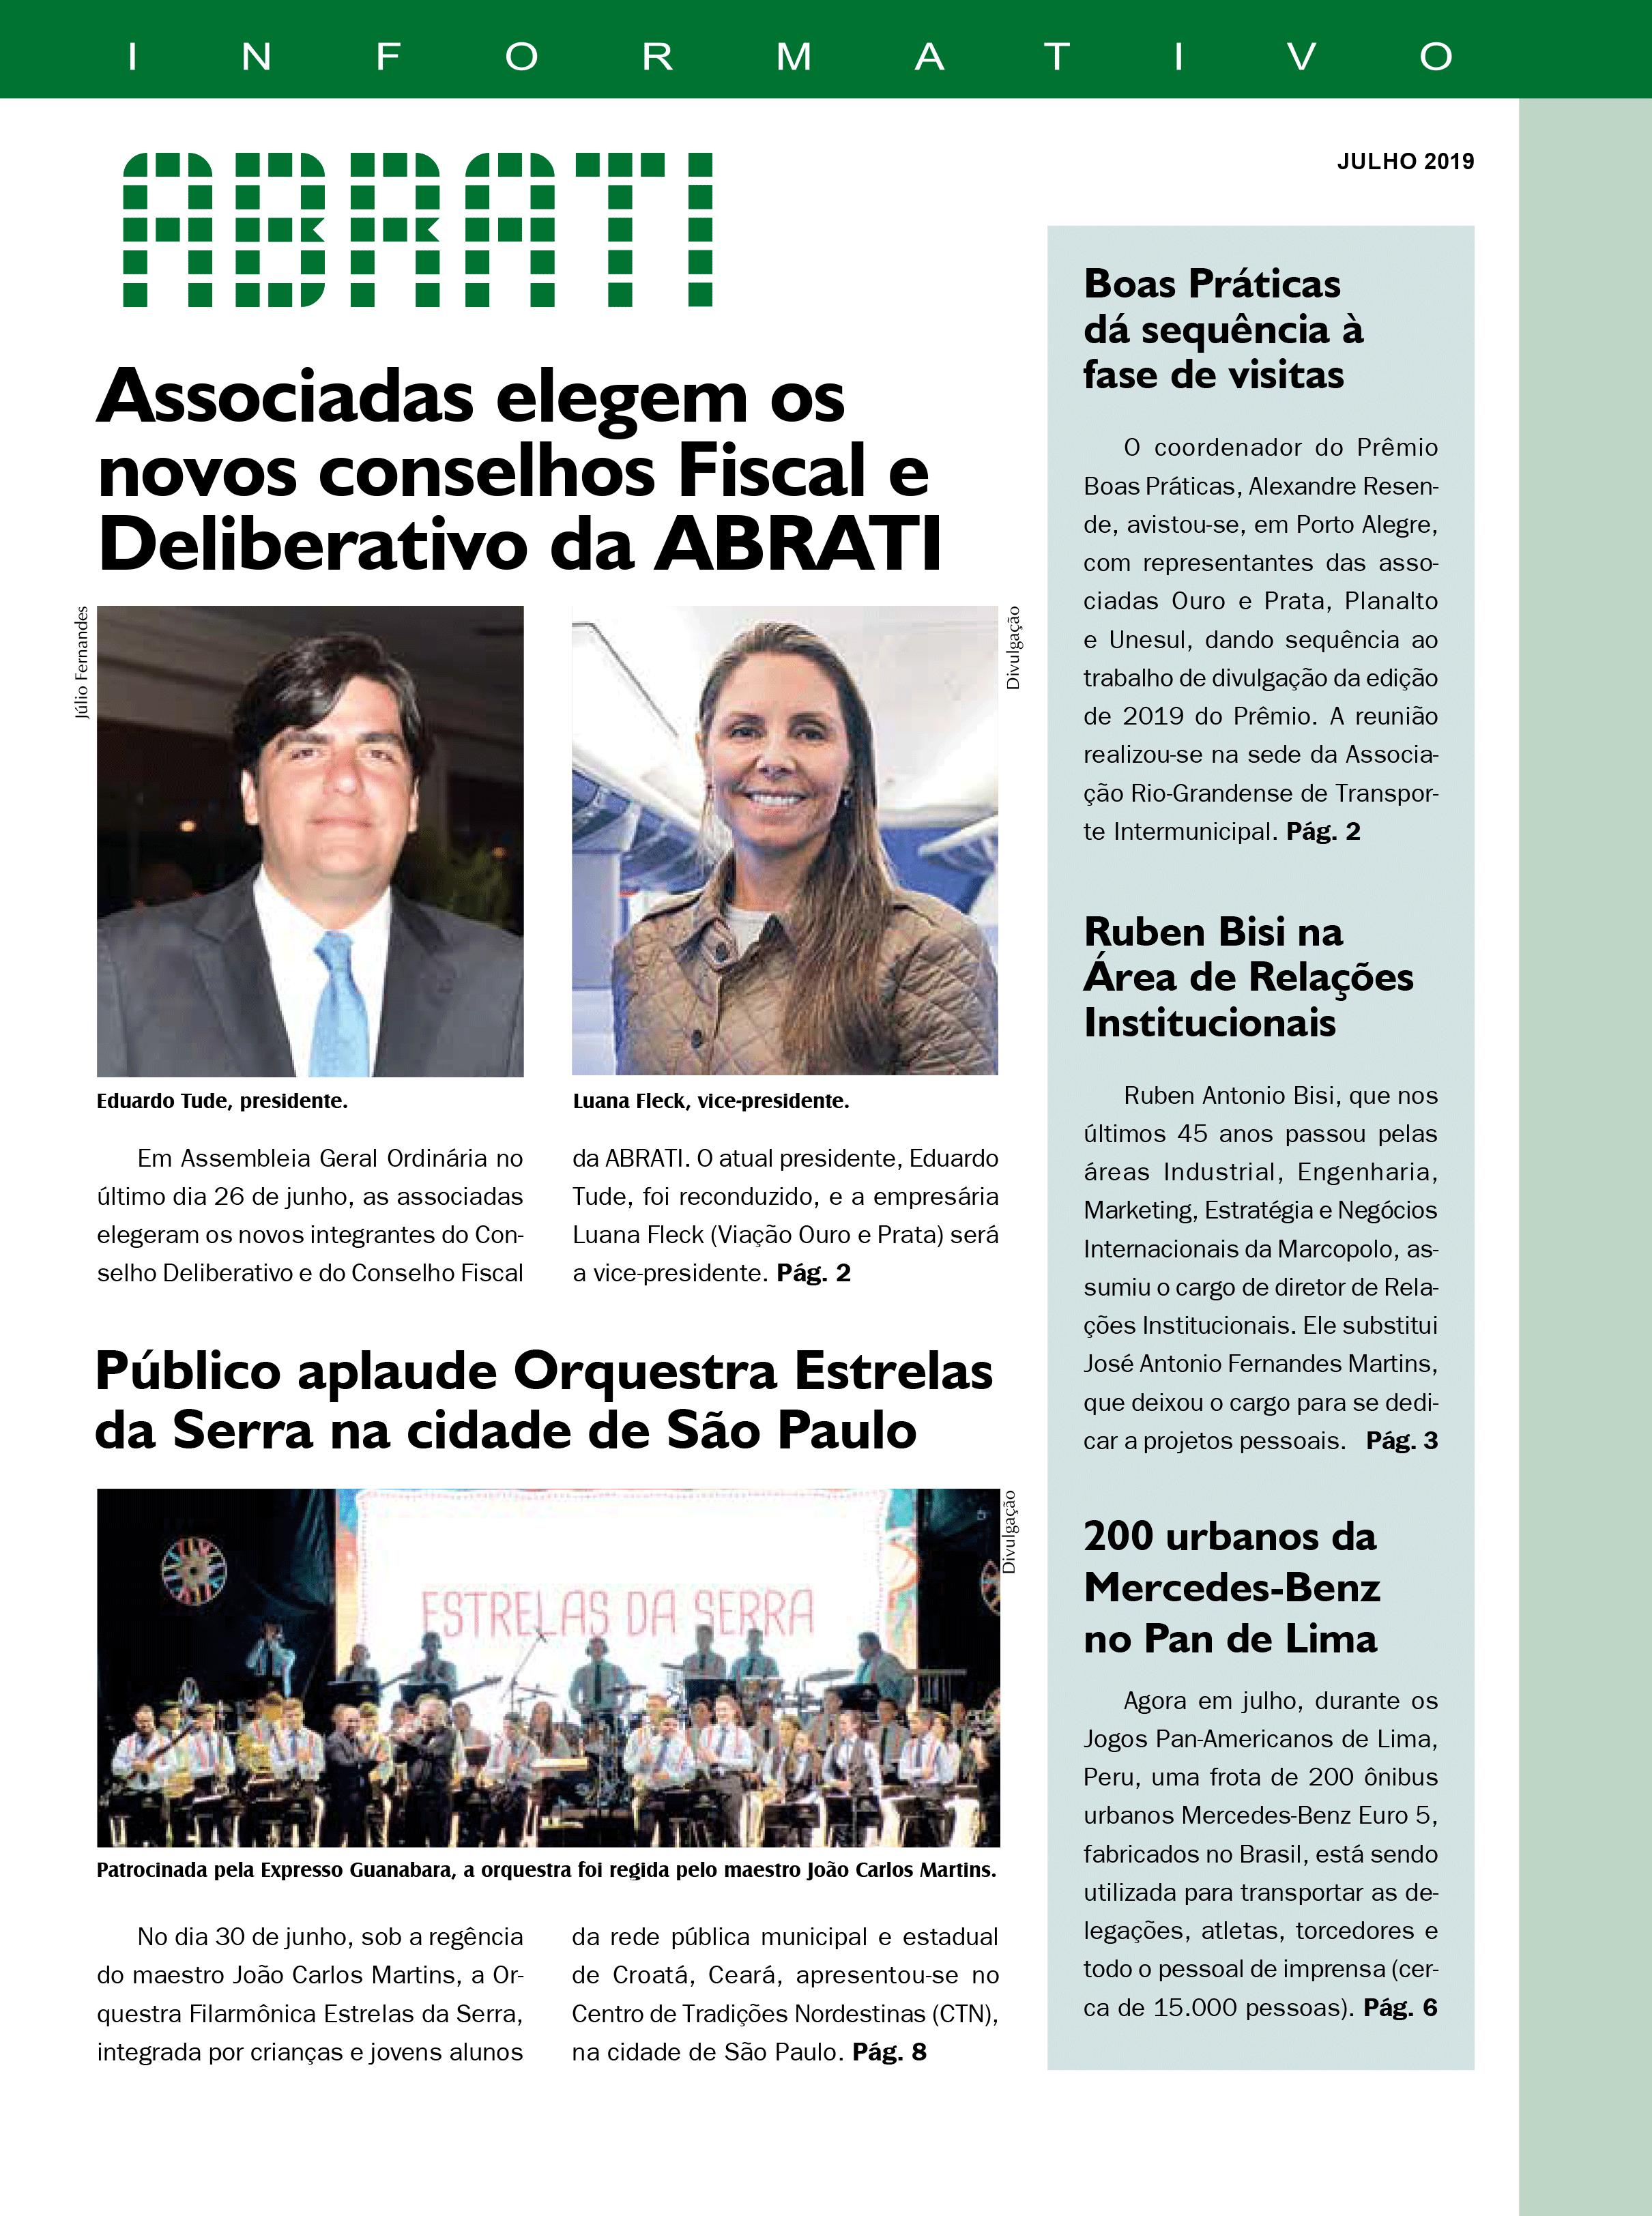 Informativo Julho 2019